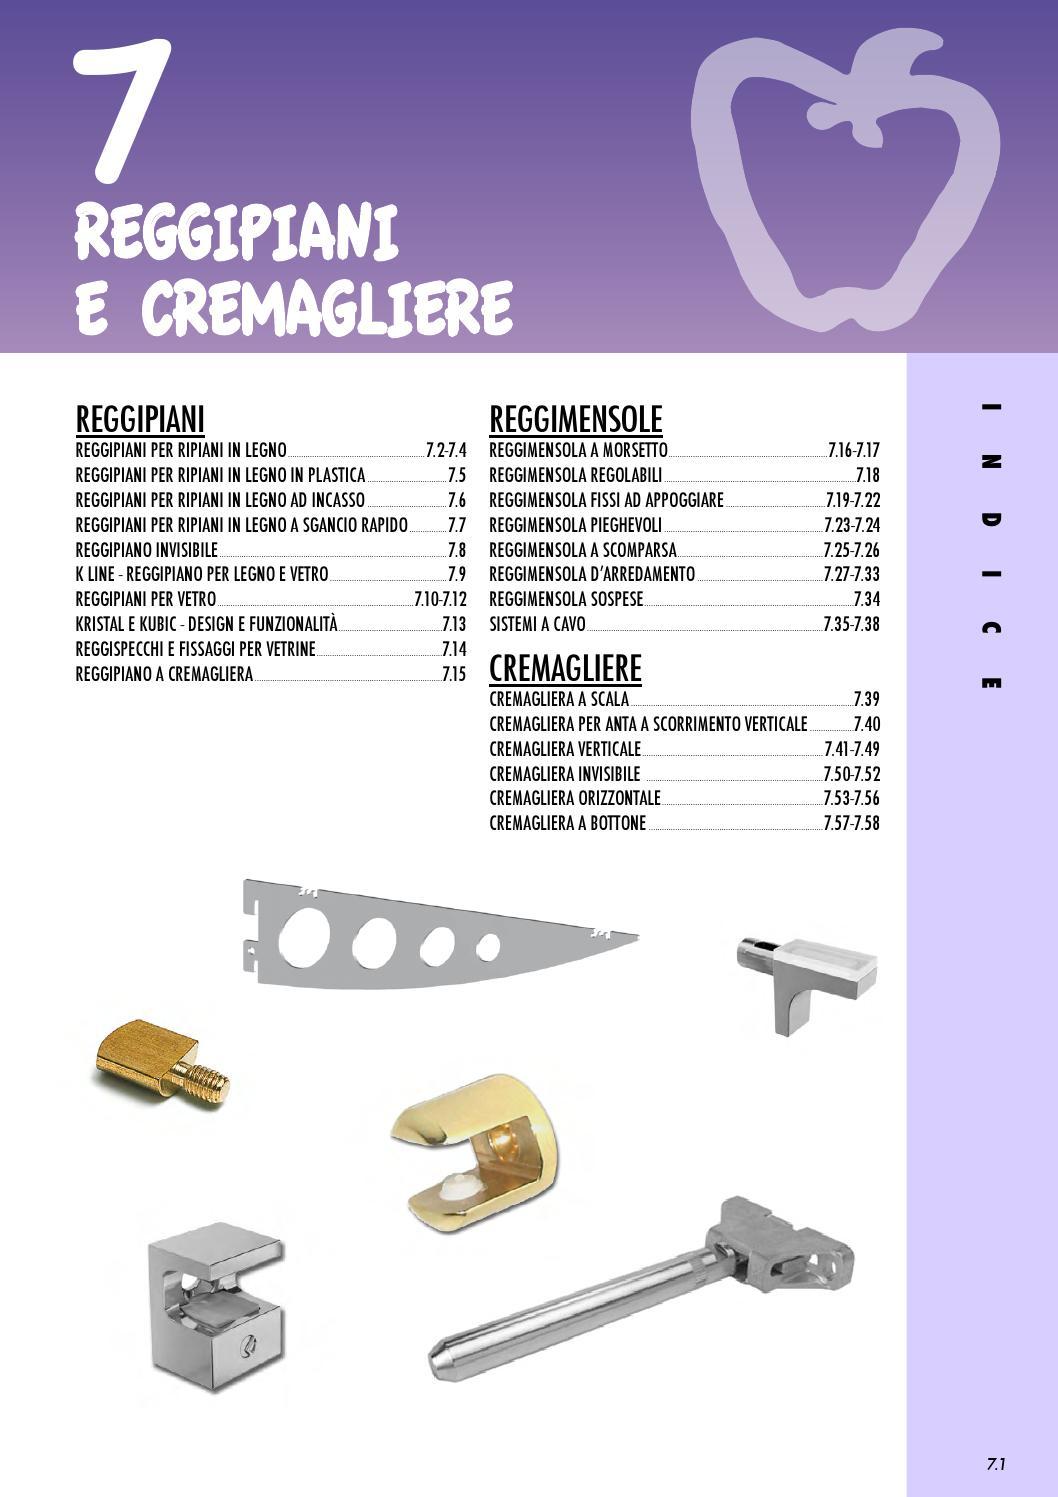 Reggimensola Per Mensole Vetro.Reggipiani Reggimensole E Cremagliere By Giuseppe Micillo Issuu